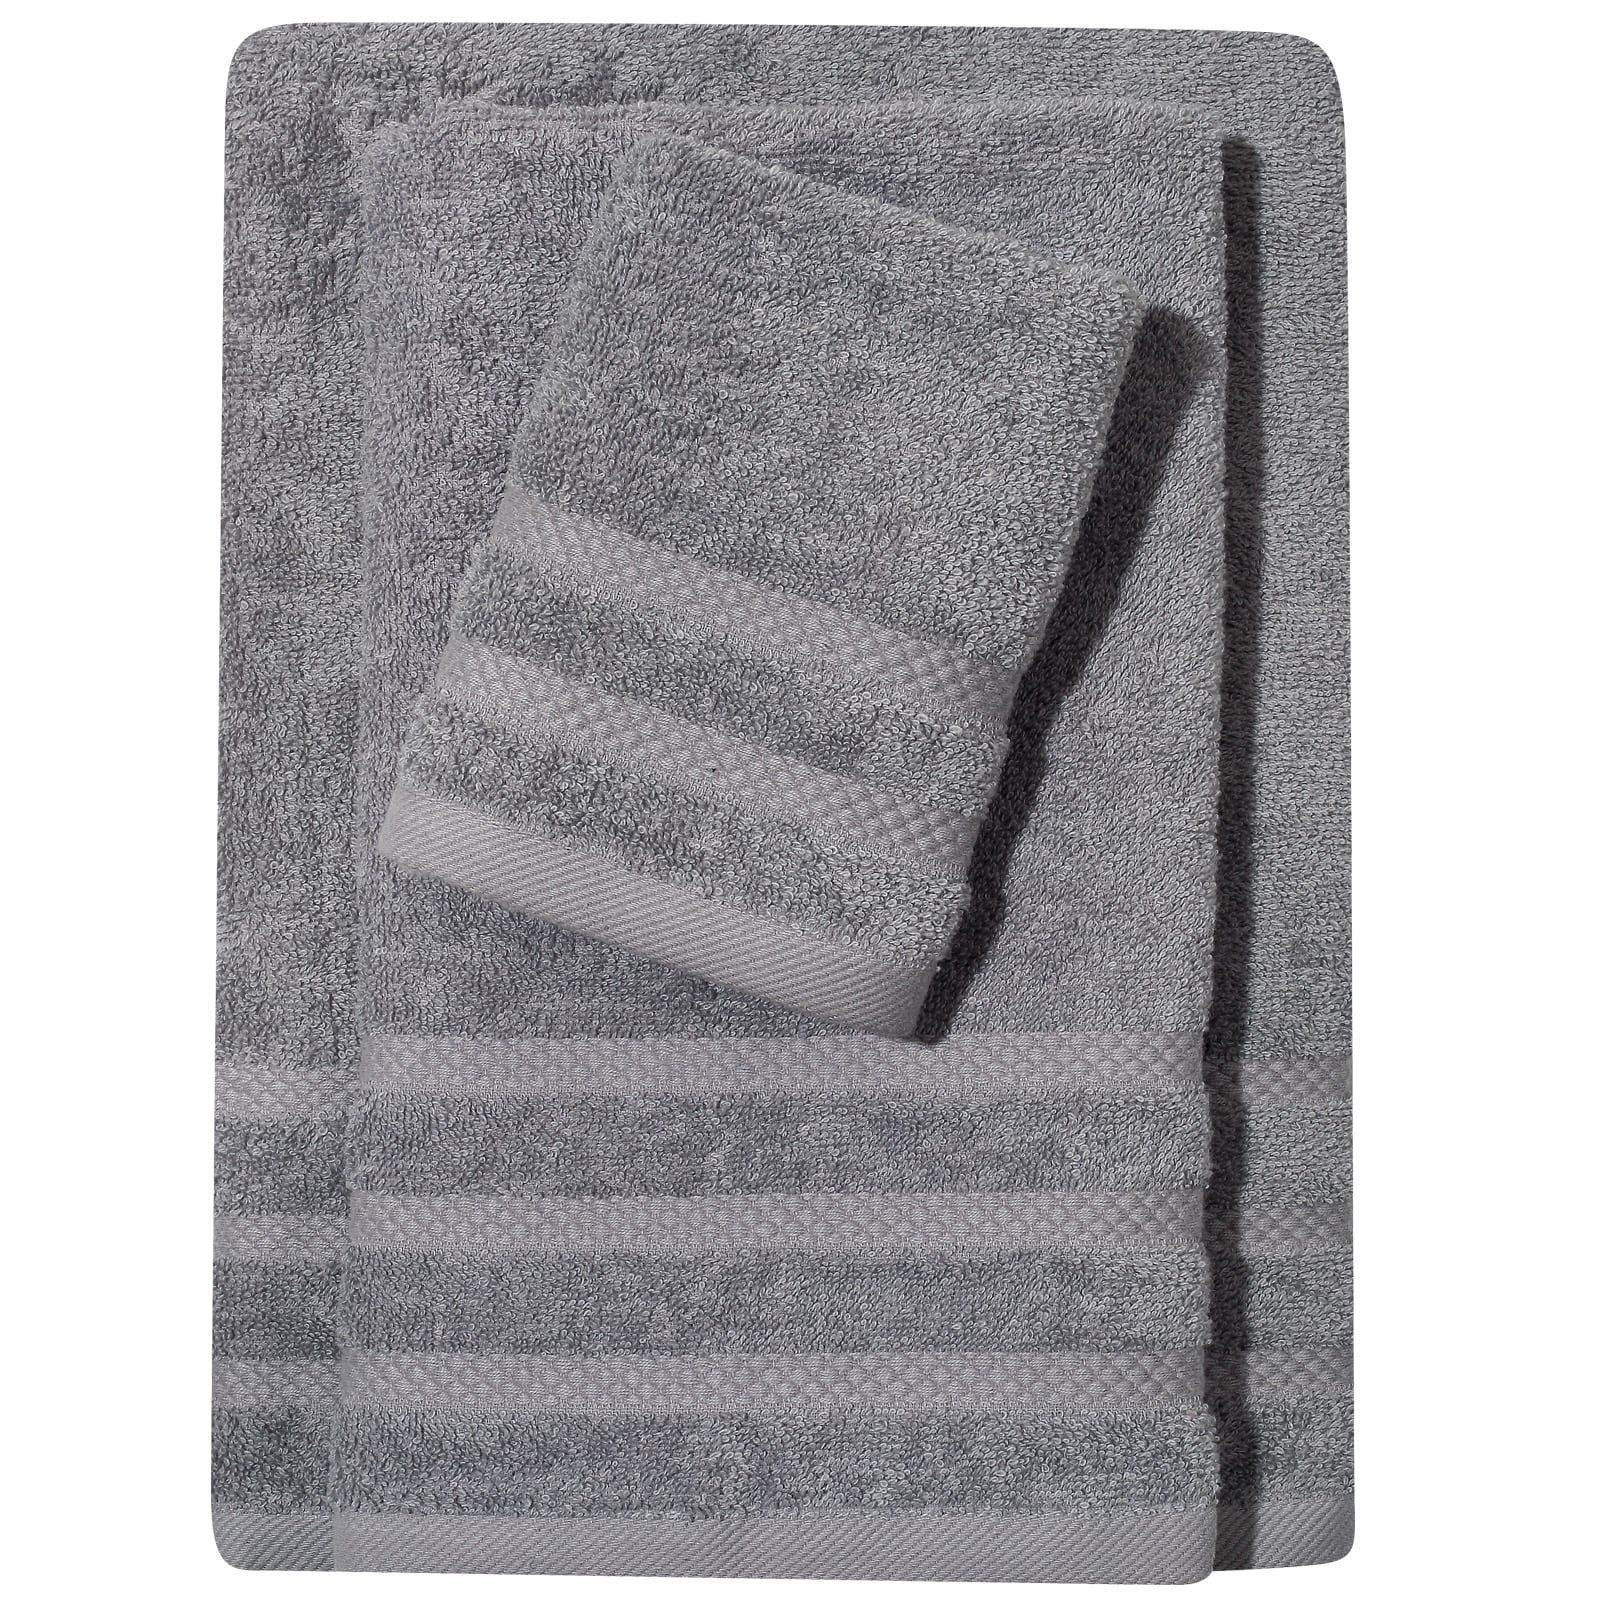 Πετσέτα 1233 Happy Grey Das Home Σώματος 70x140cm